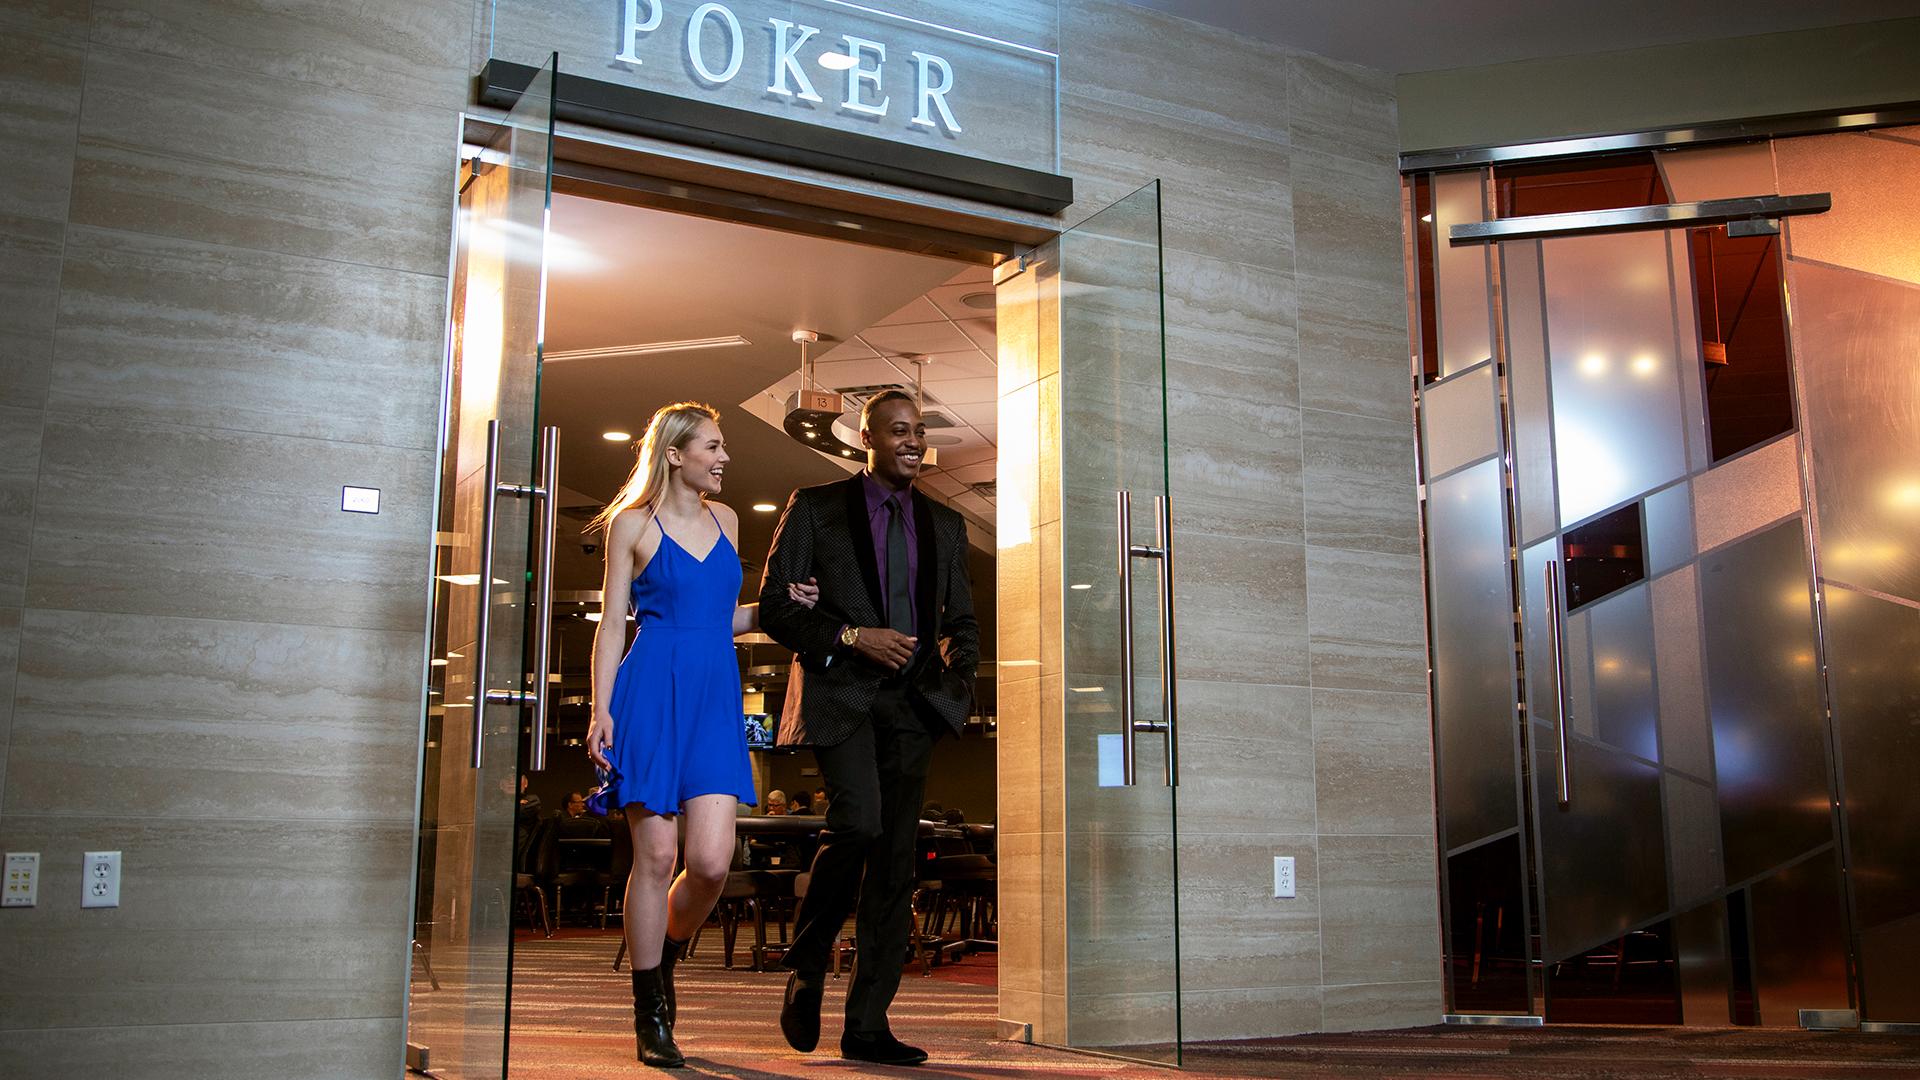 Winstar casino poker room phone number wolverine slot machine